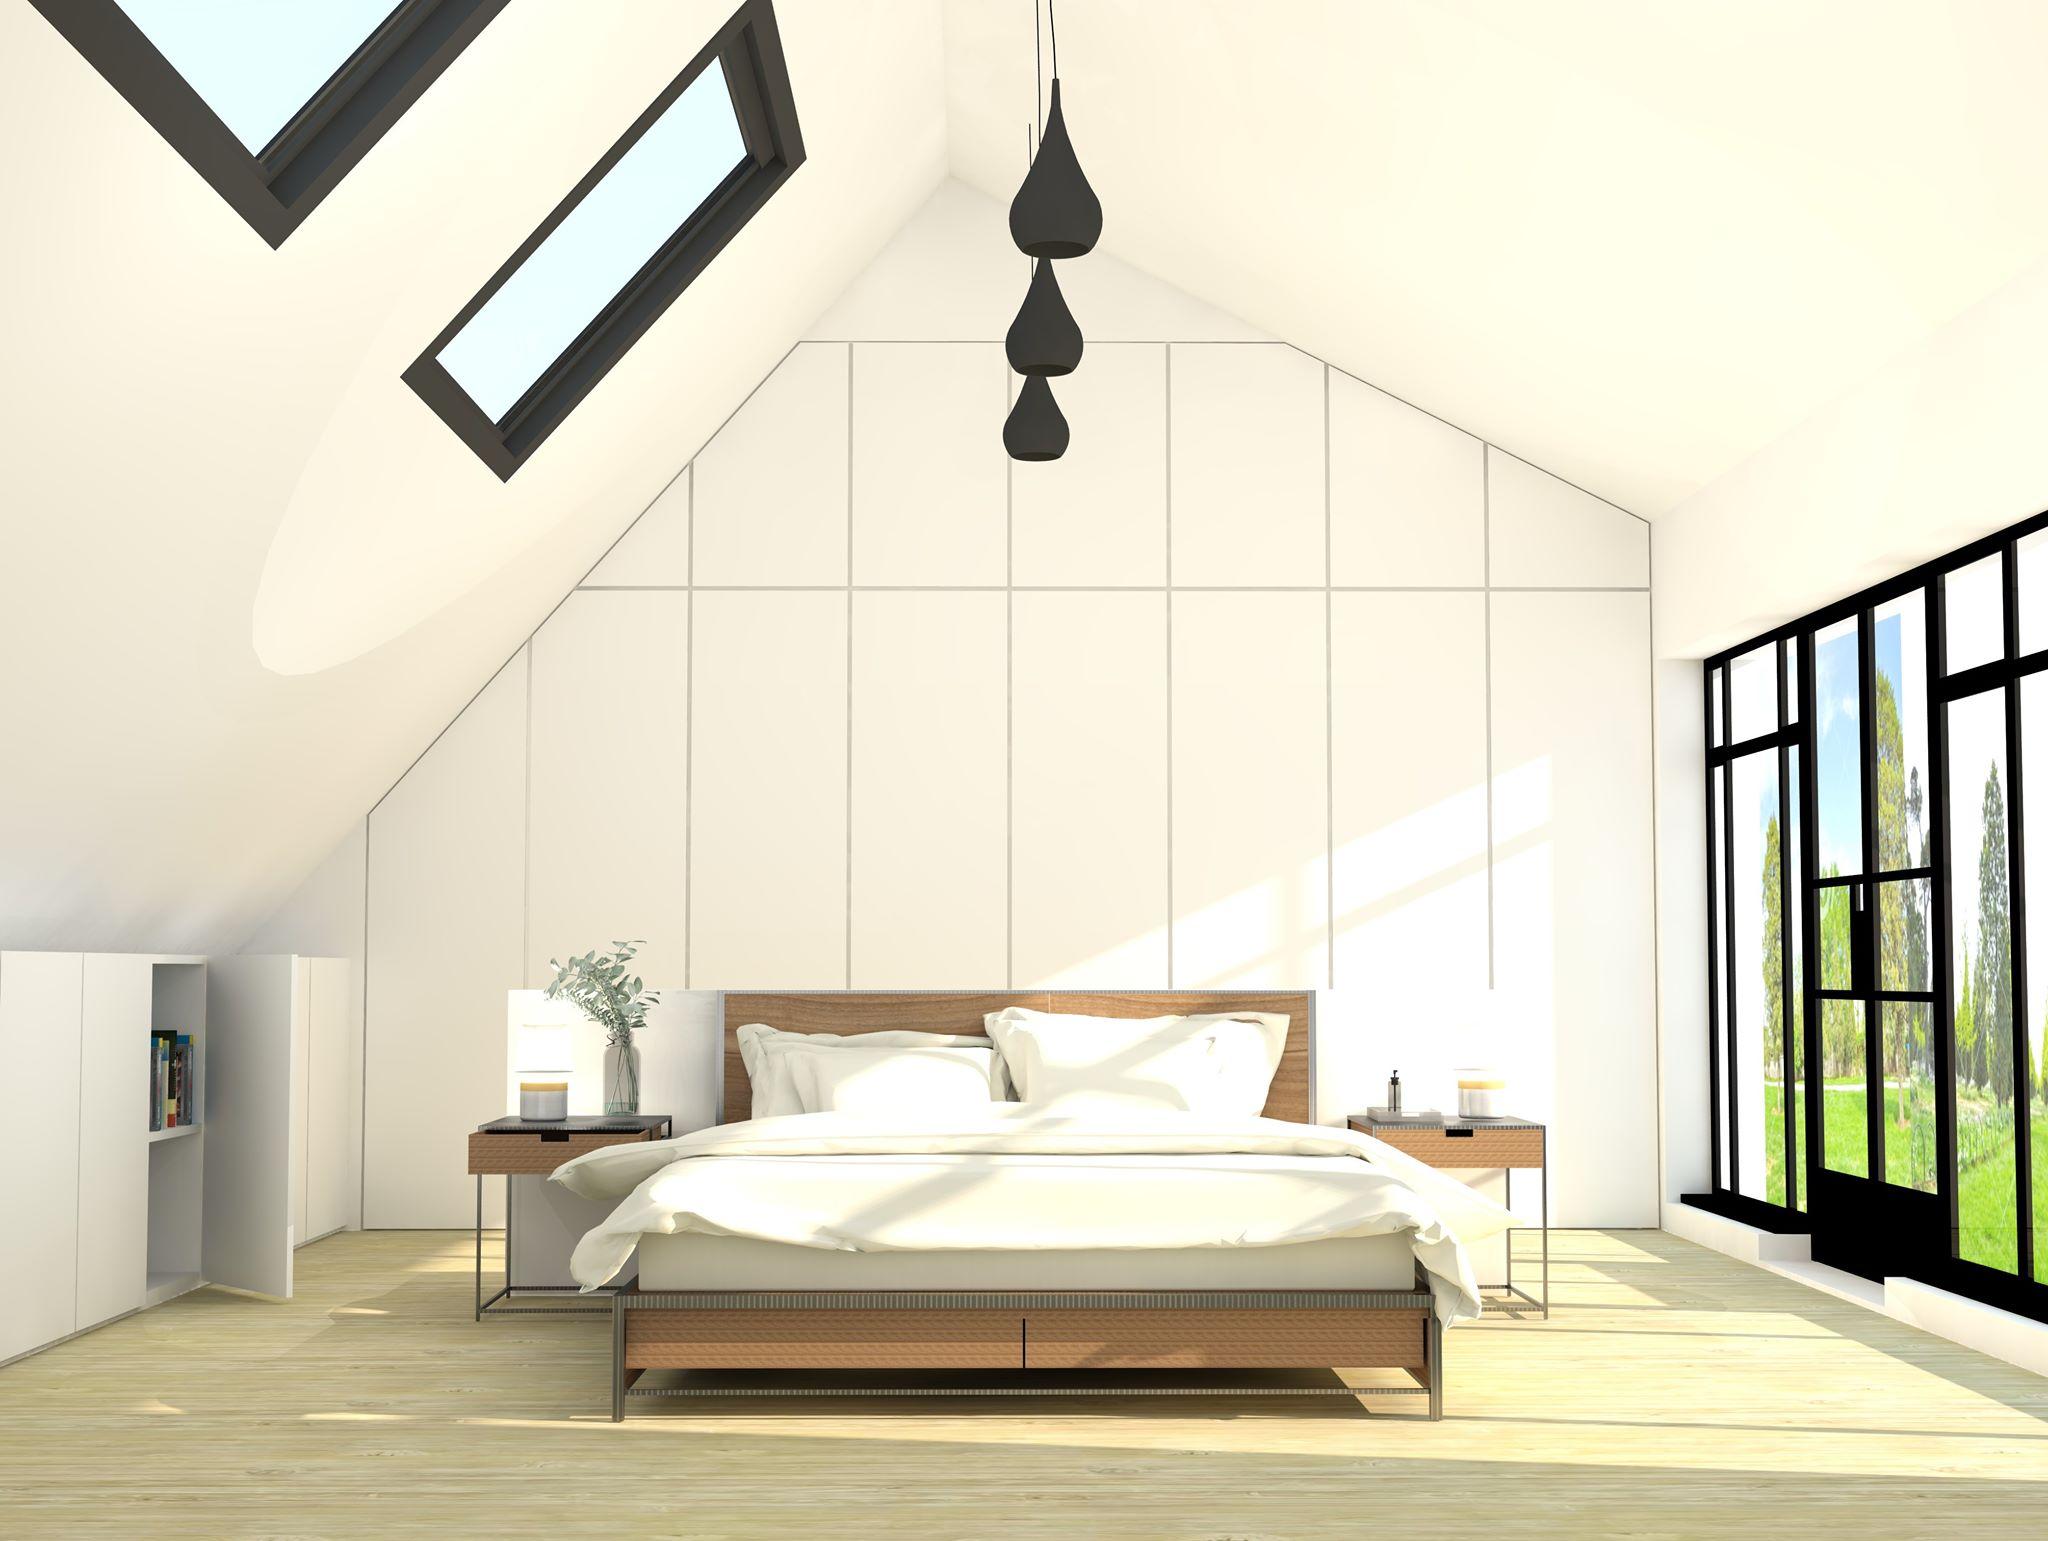 Ontwerp maatkasten in slaapkamer onder schuine wand